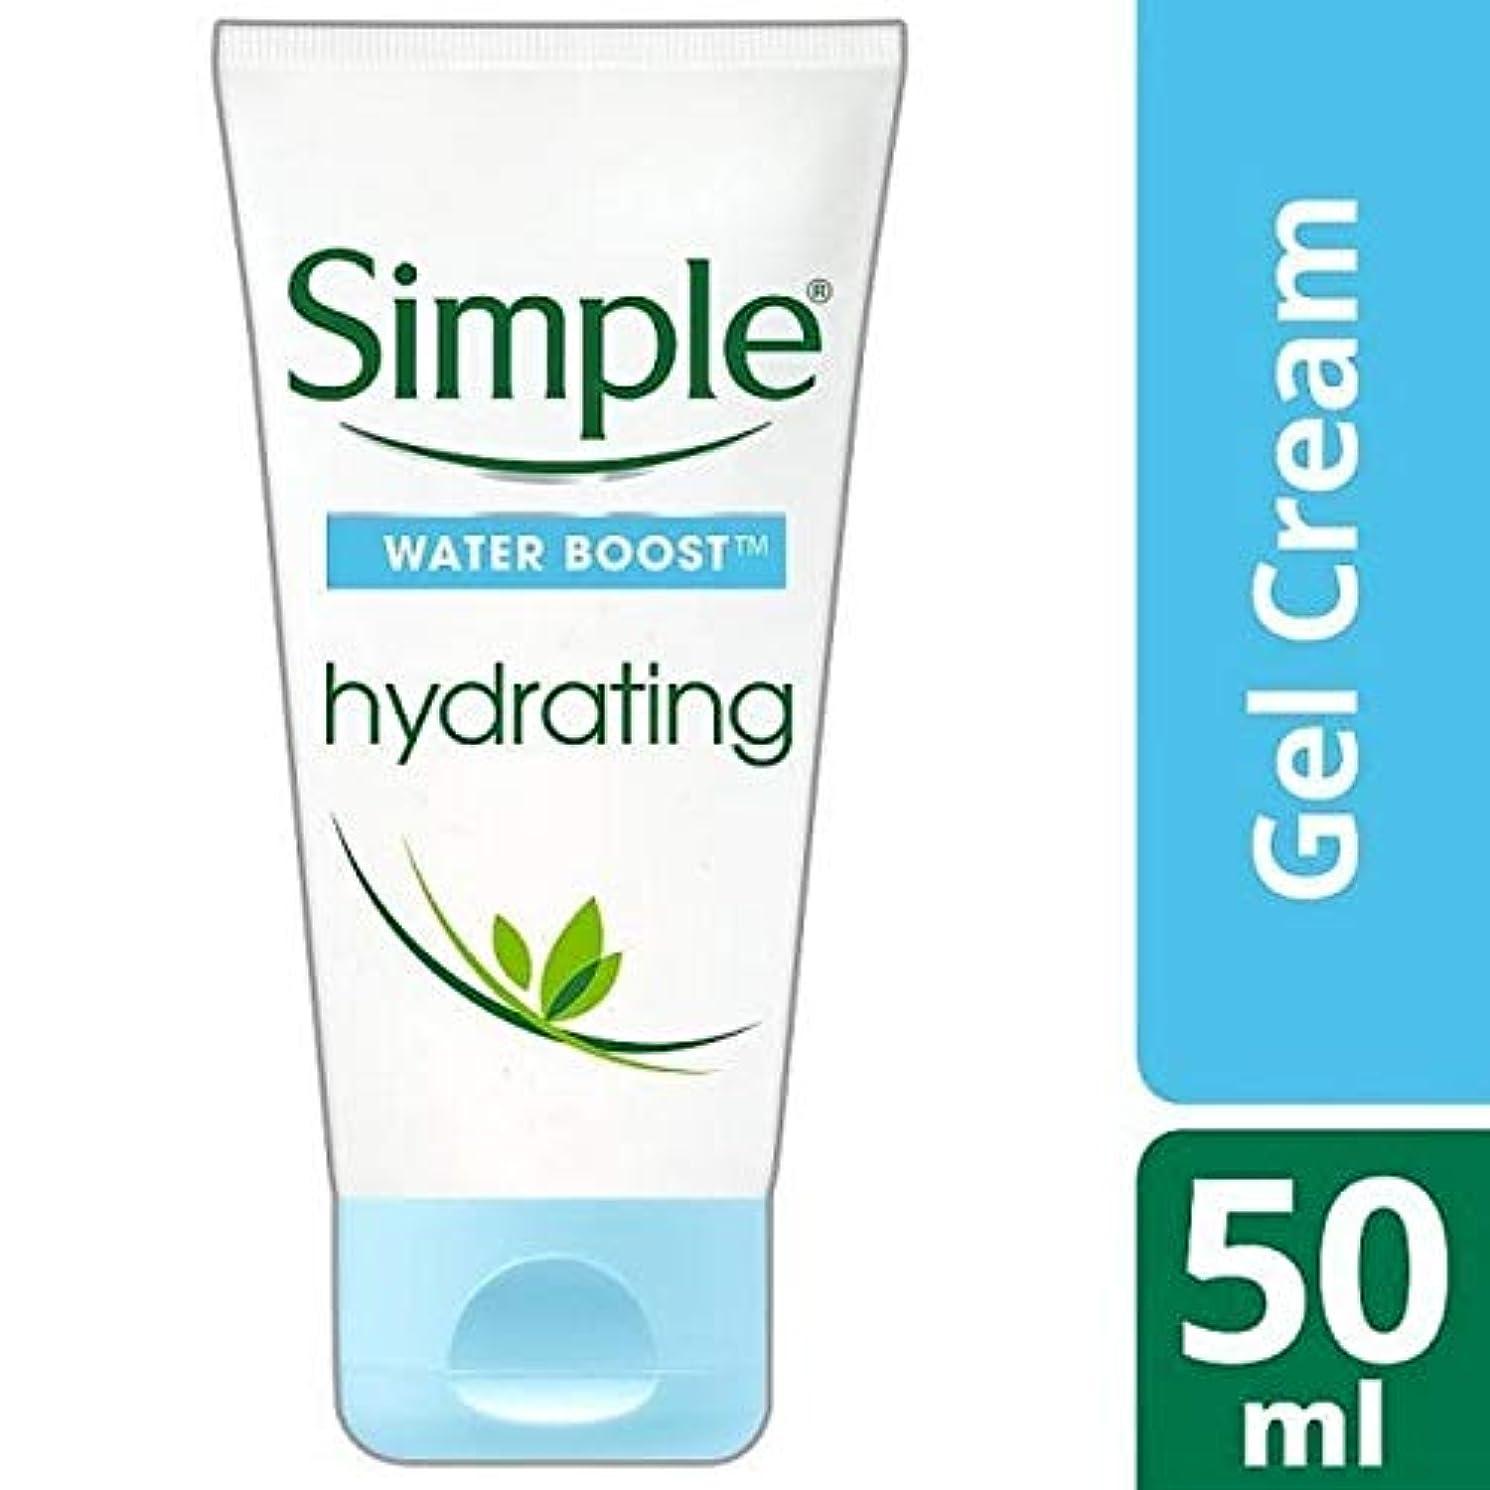 祖先テキスト一時的[Simple ] シンプルな水ブースト水和ゲルフェイスクリーム50Ml - Simple Water Boost Hydrating Gel Face Cream 50ml [並行輸入品]